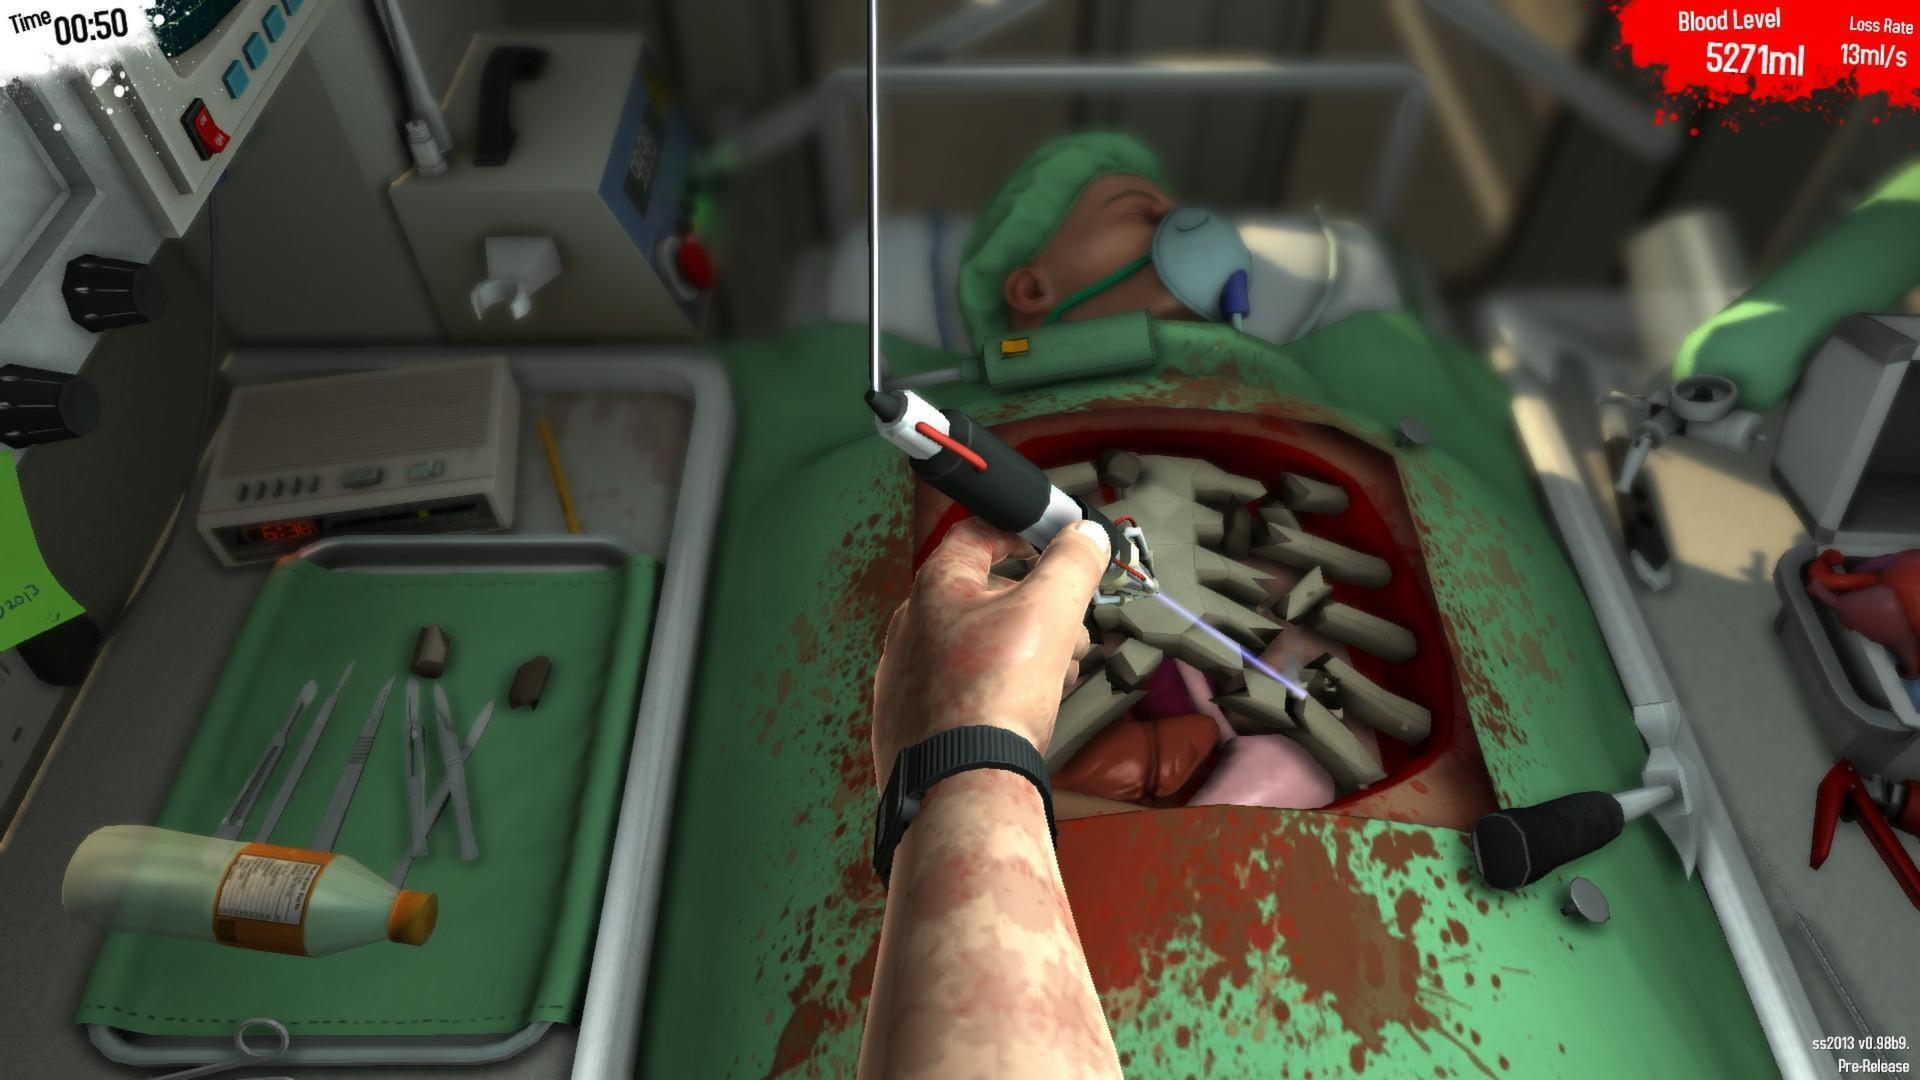 brain surgery simulator apk download